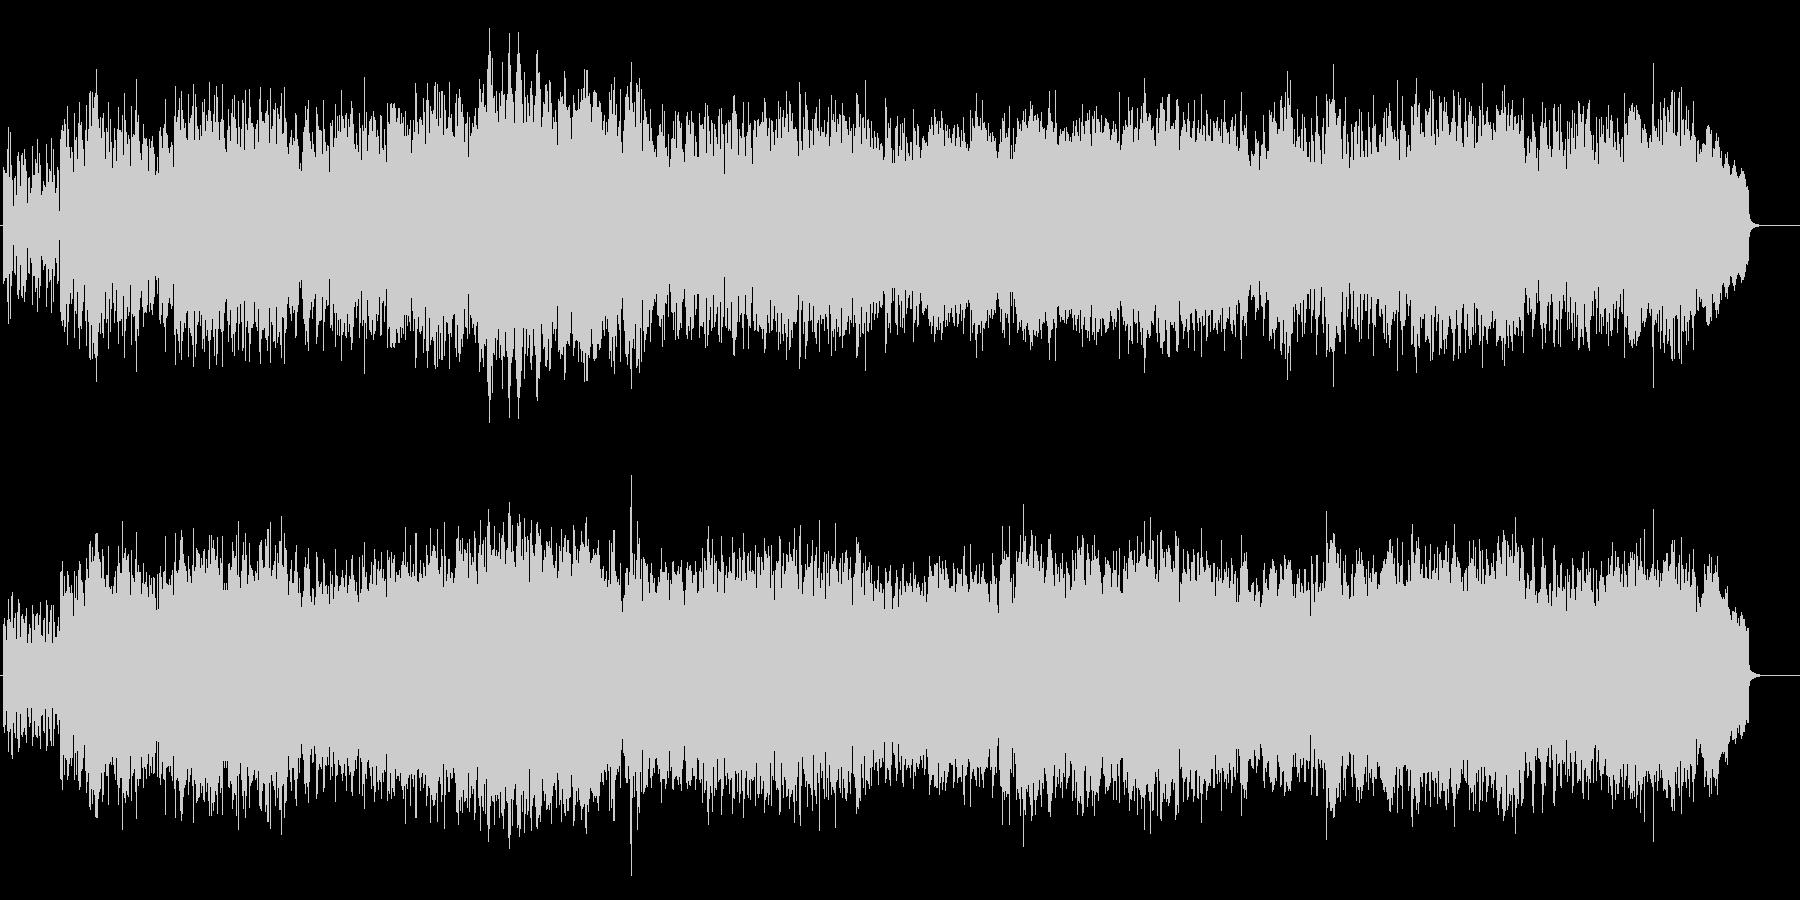 スタイリッシュクラシック(ケーキカット)の未再生の波形